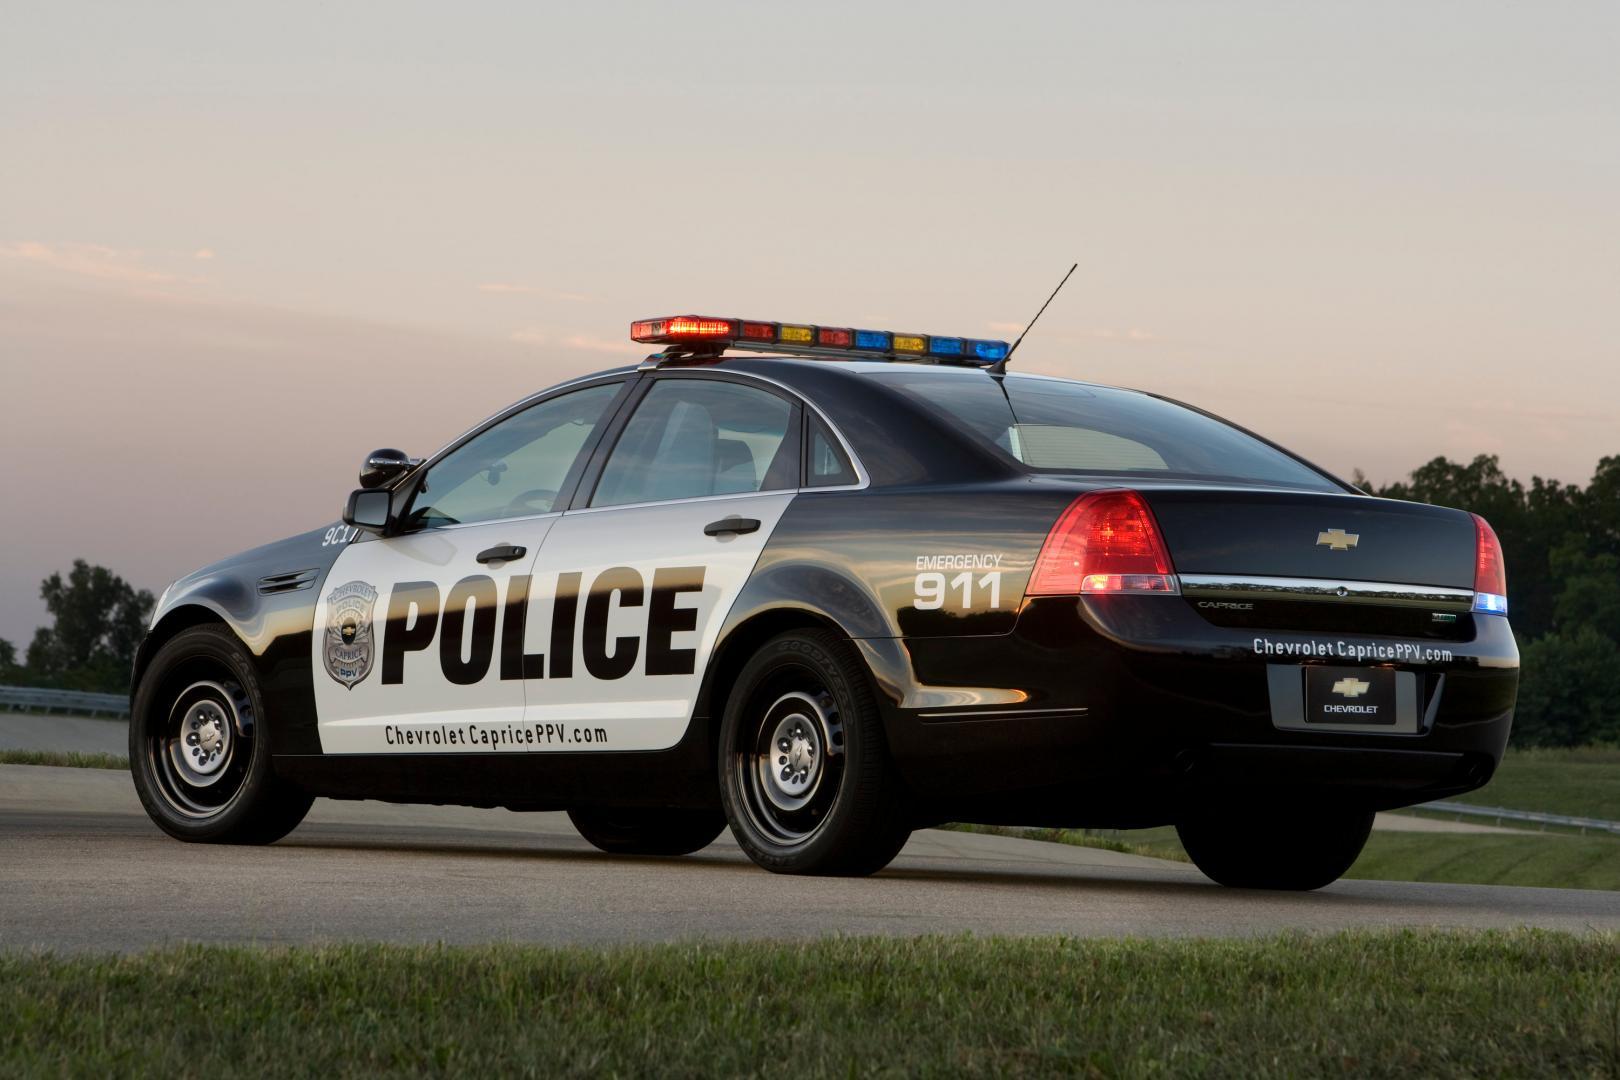 Amerikaanse Politieauto S Zijn Vervelend Goedkoop Topgear